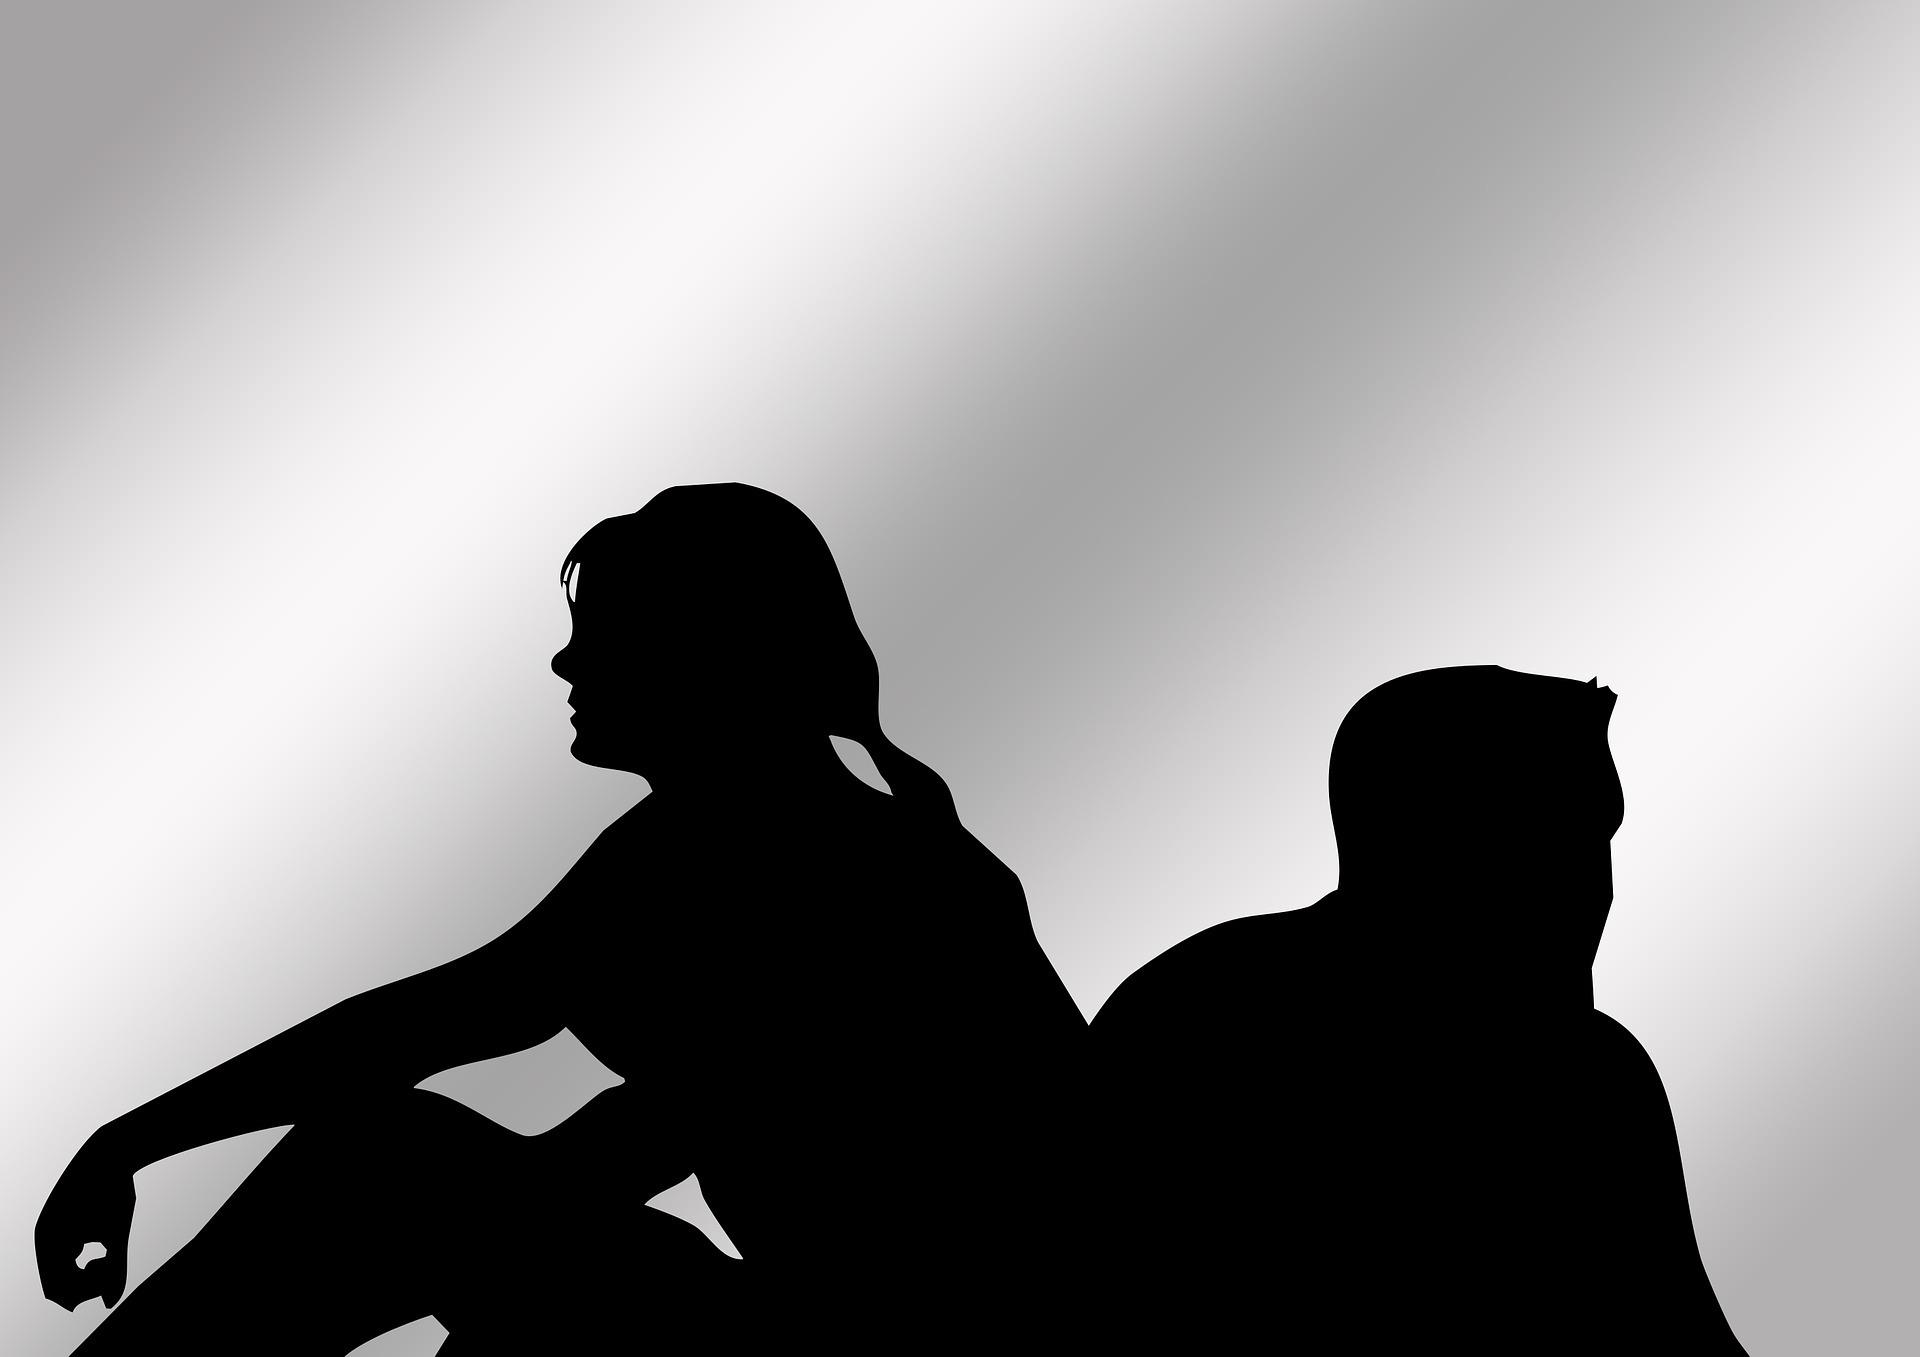 Konflikthåndtering – sådan bliver du bedre til at håndtere konflikter